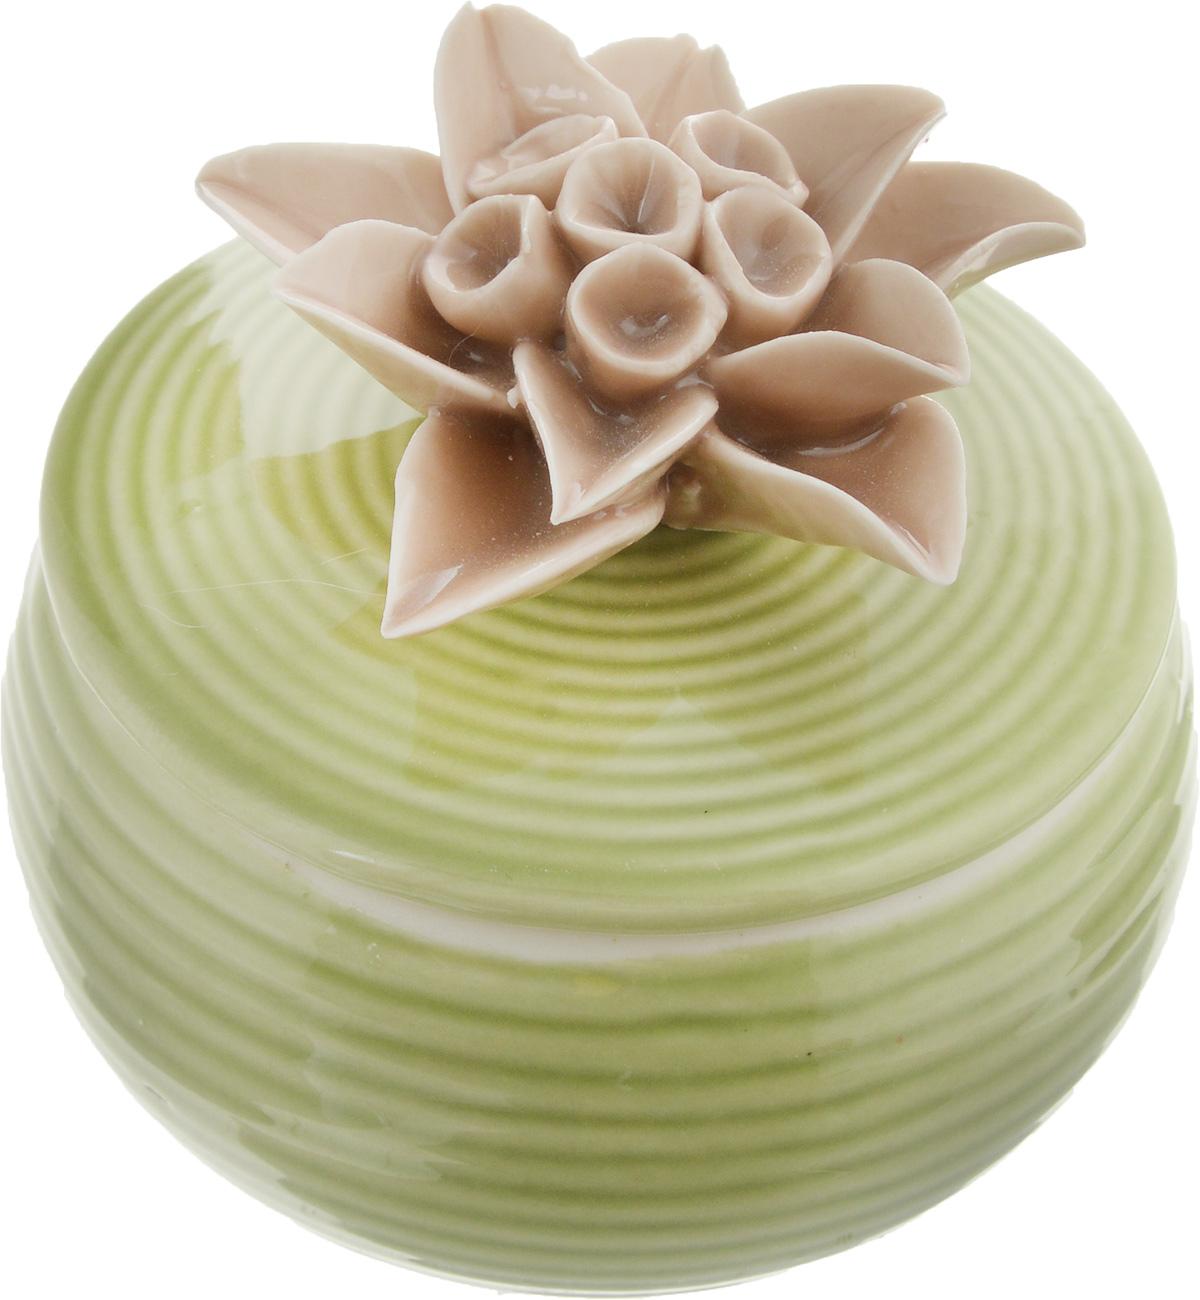 Шкатулка для украшений Феникс-Презент, цвет: зеленый, кофейный, 6,5 х 6 х 6 см12723Шкатулка Феникс-Презент предназначена для хранения украшений. Изделие изготовлено из фарфора. Крышка шкатулки украшена цветком. Вы можете поставить шкатулку в любом месте, где она будет удачно смотреться и радовать глаз. Кроме того - это отличный вариант подарка для ваших близких и друзей. Размер шкатулки: 6,5 х 6 х 6 см.